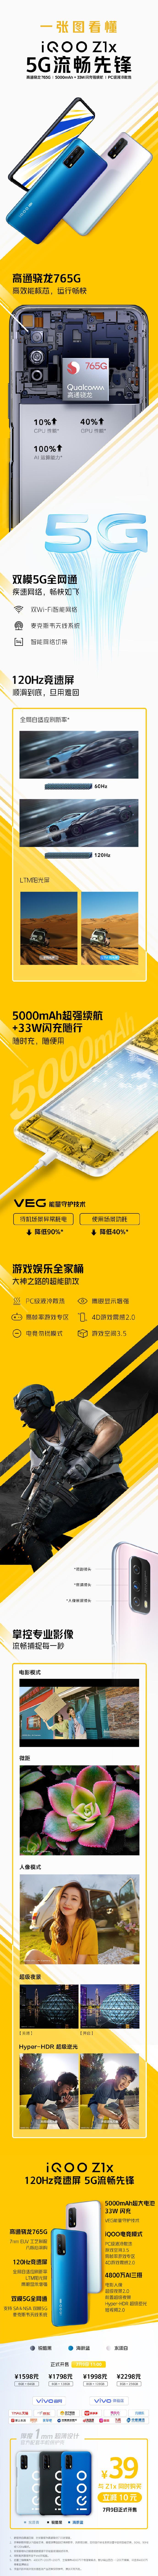 一图看懂iQOO Z1x:骁龙 765G+120Hz屏,1598元起